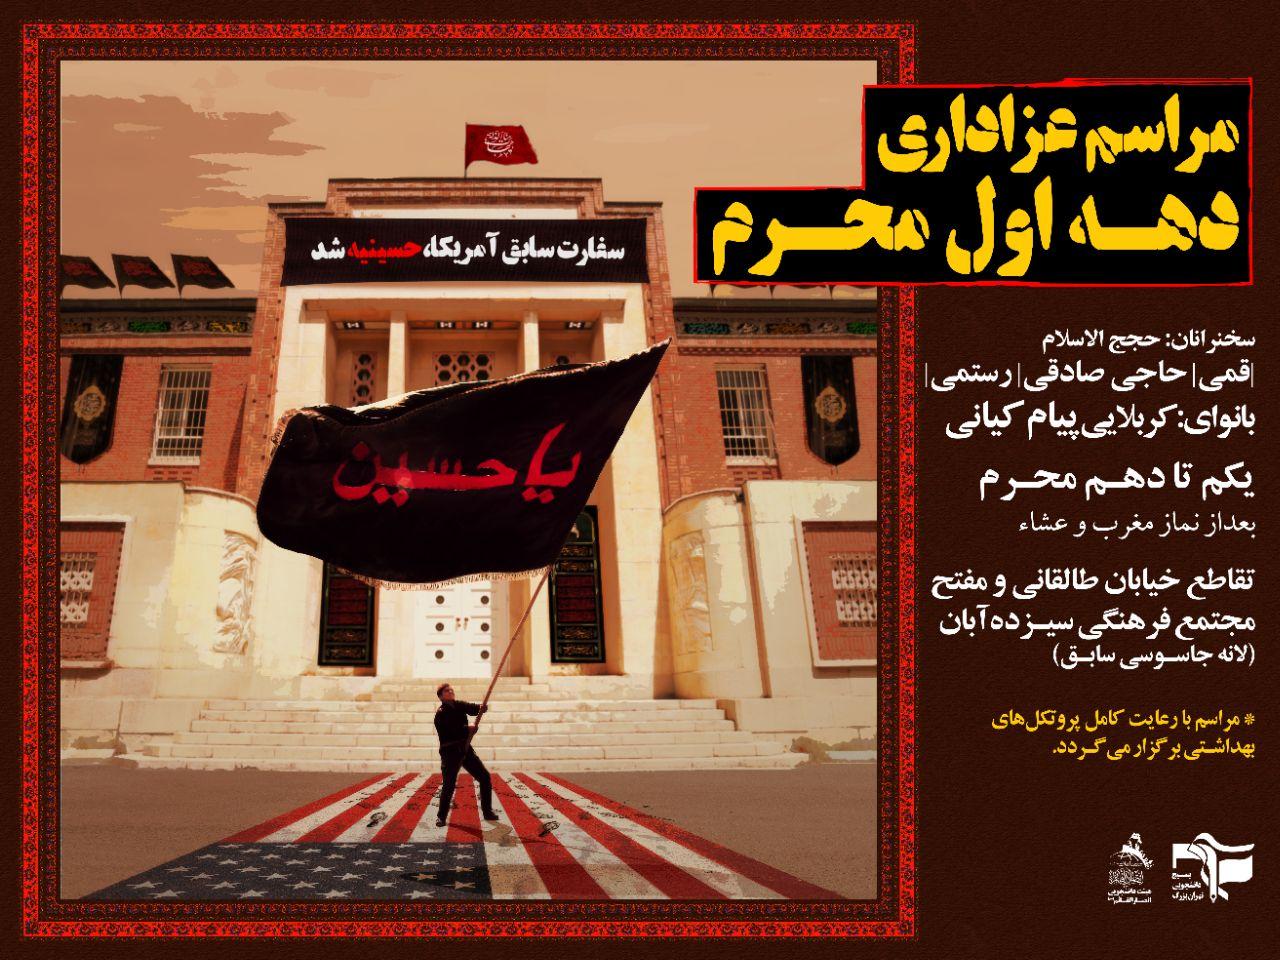 برگزاری مراسم عزاداری سالار شهیدان در سفارت سابق آمریکا+ عکس